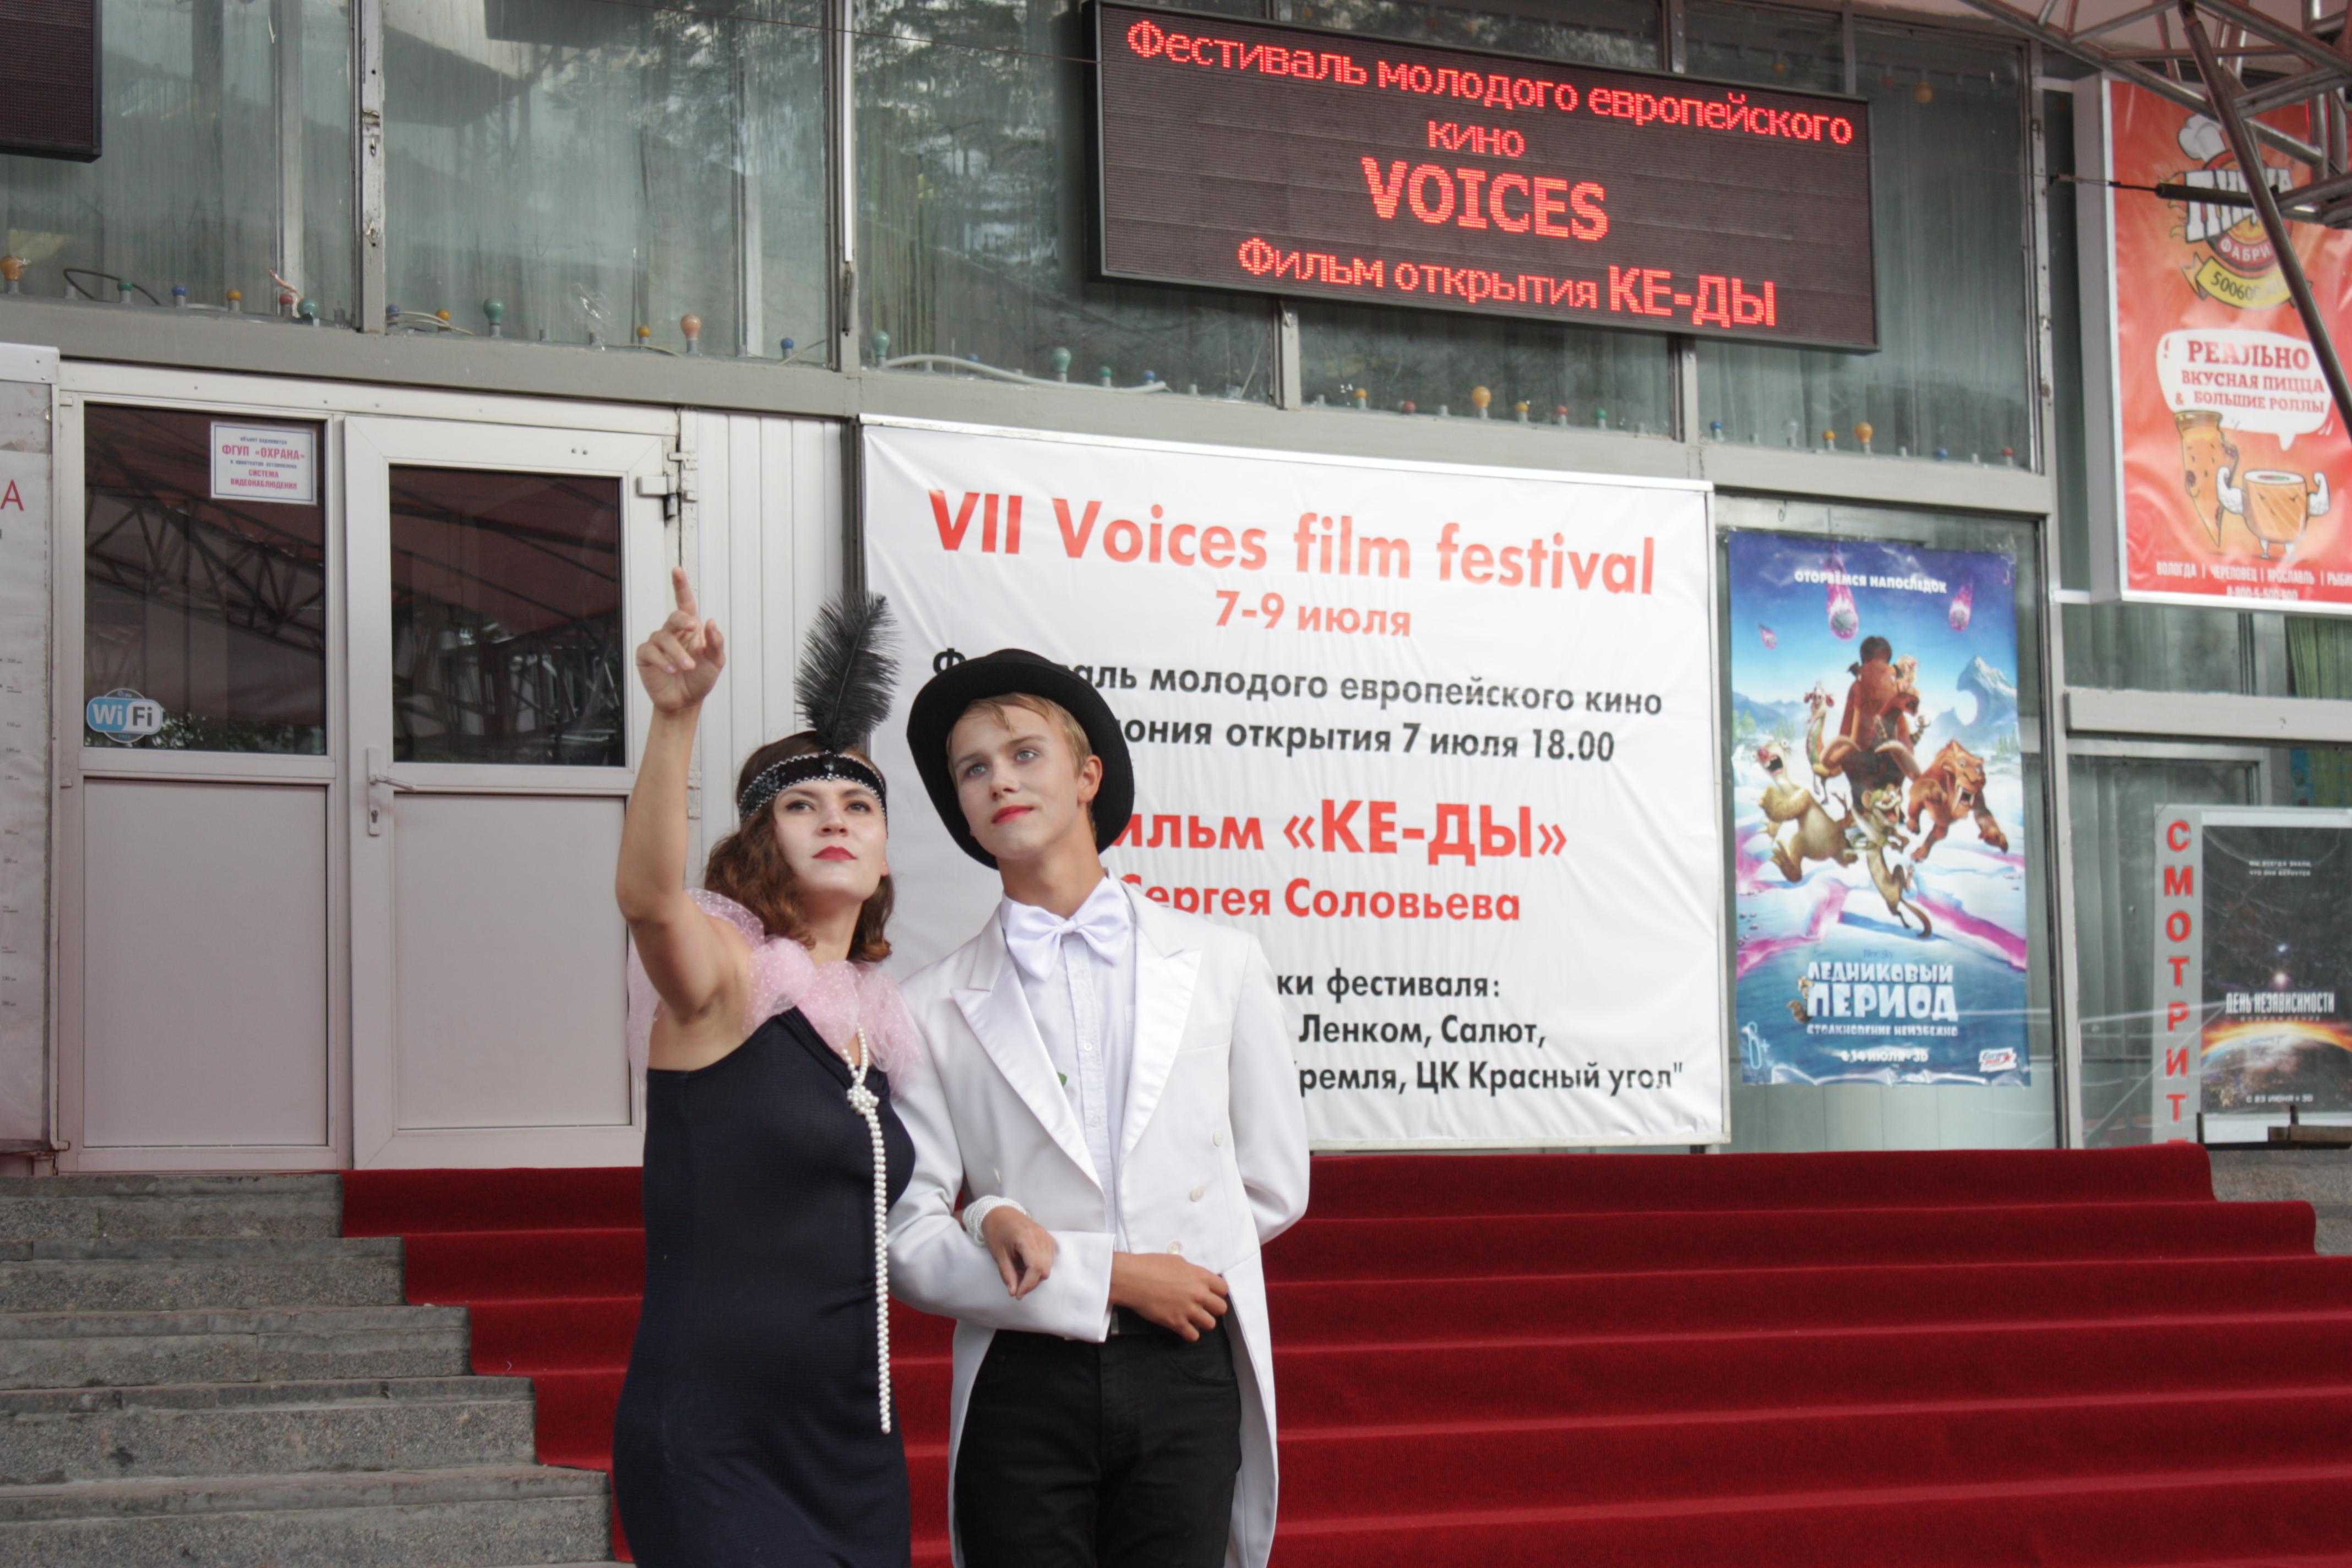 В Вологде открылся VII фестиваль молодого европейского кино VOICES